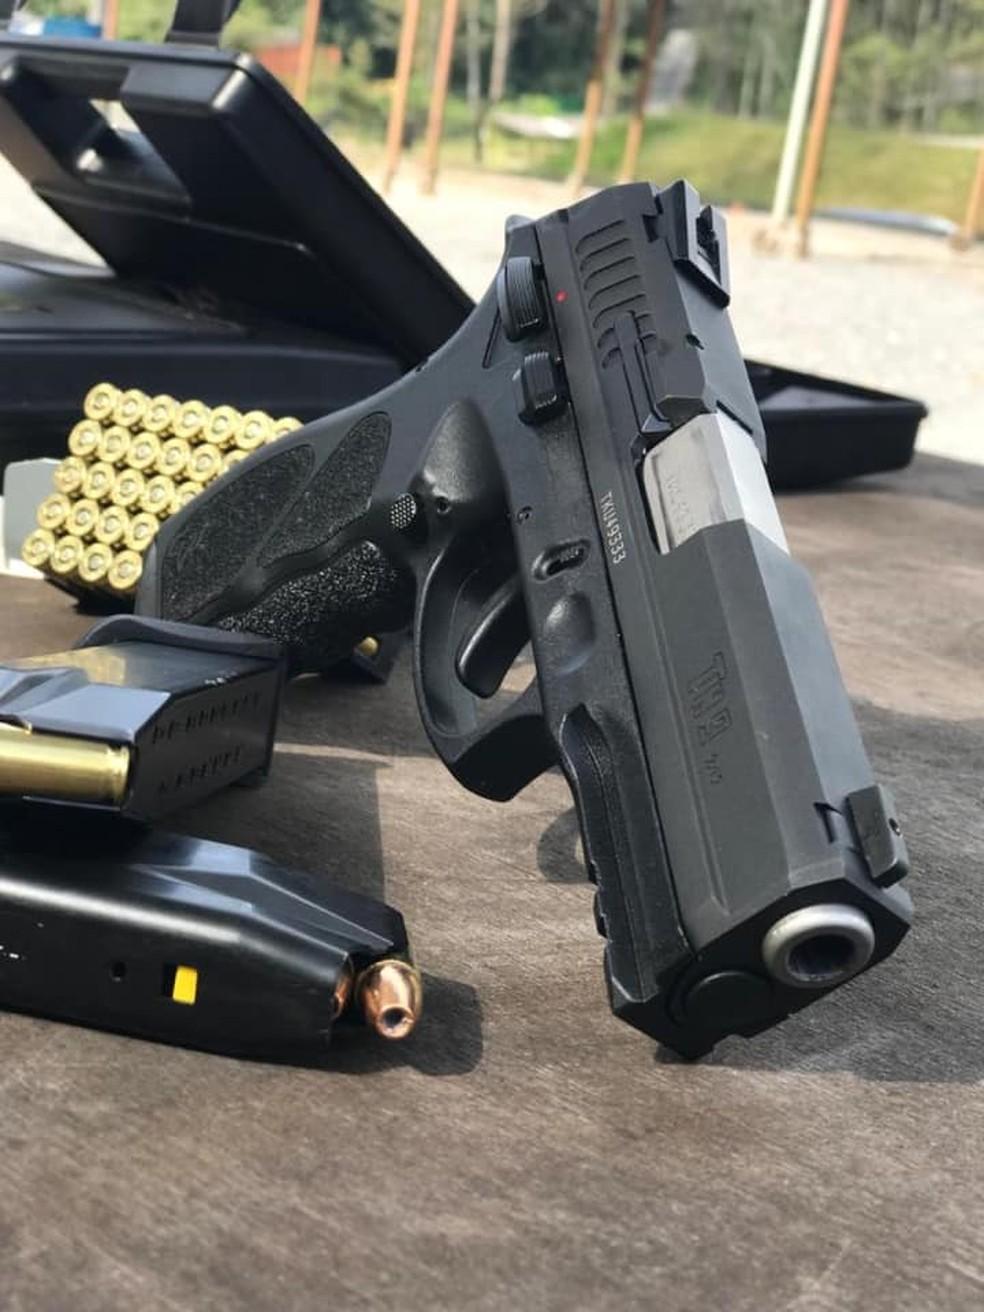 Arma da marca Taurus — Foto: Reprodução/Facebook da empresa